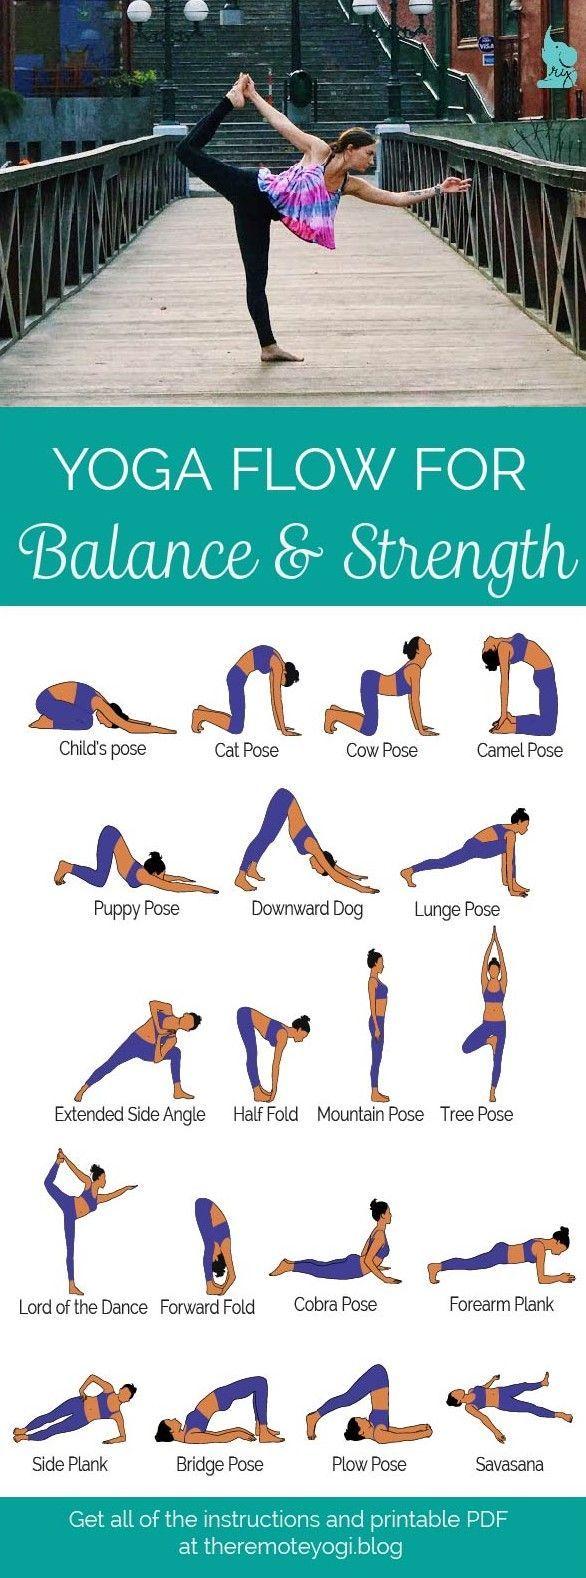 Yoga für Balance & Kraft – Gratis PDF Laden Sie diese Sequenz herunter – XOXOA